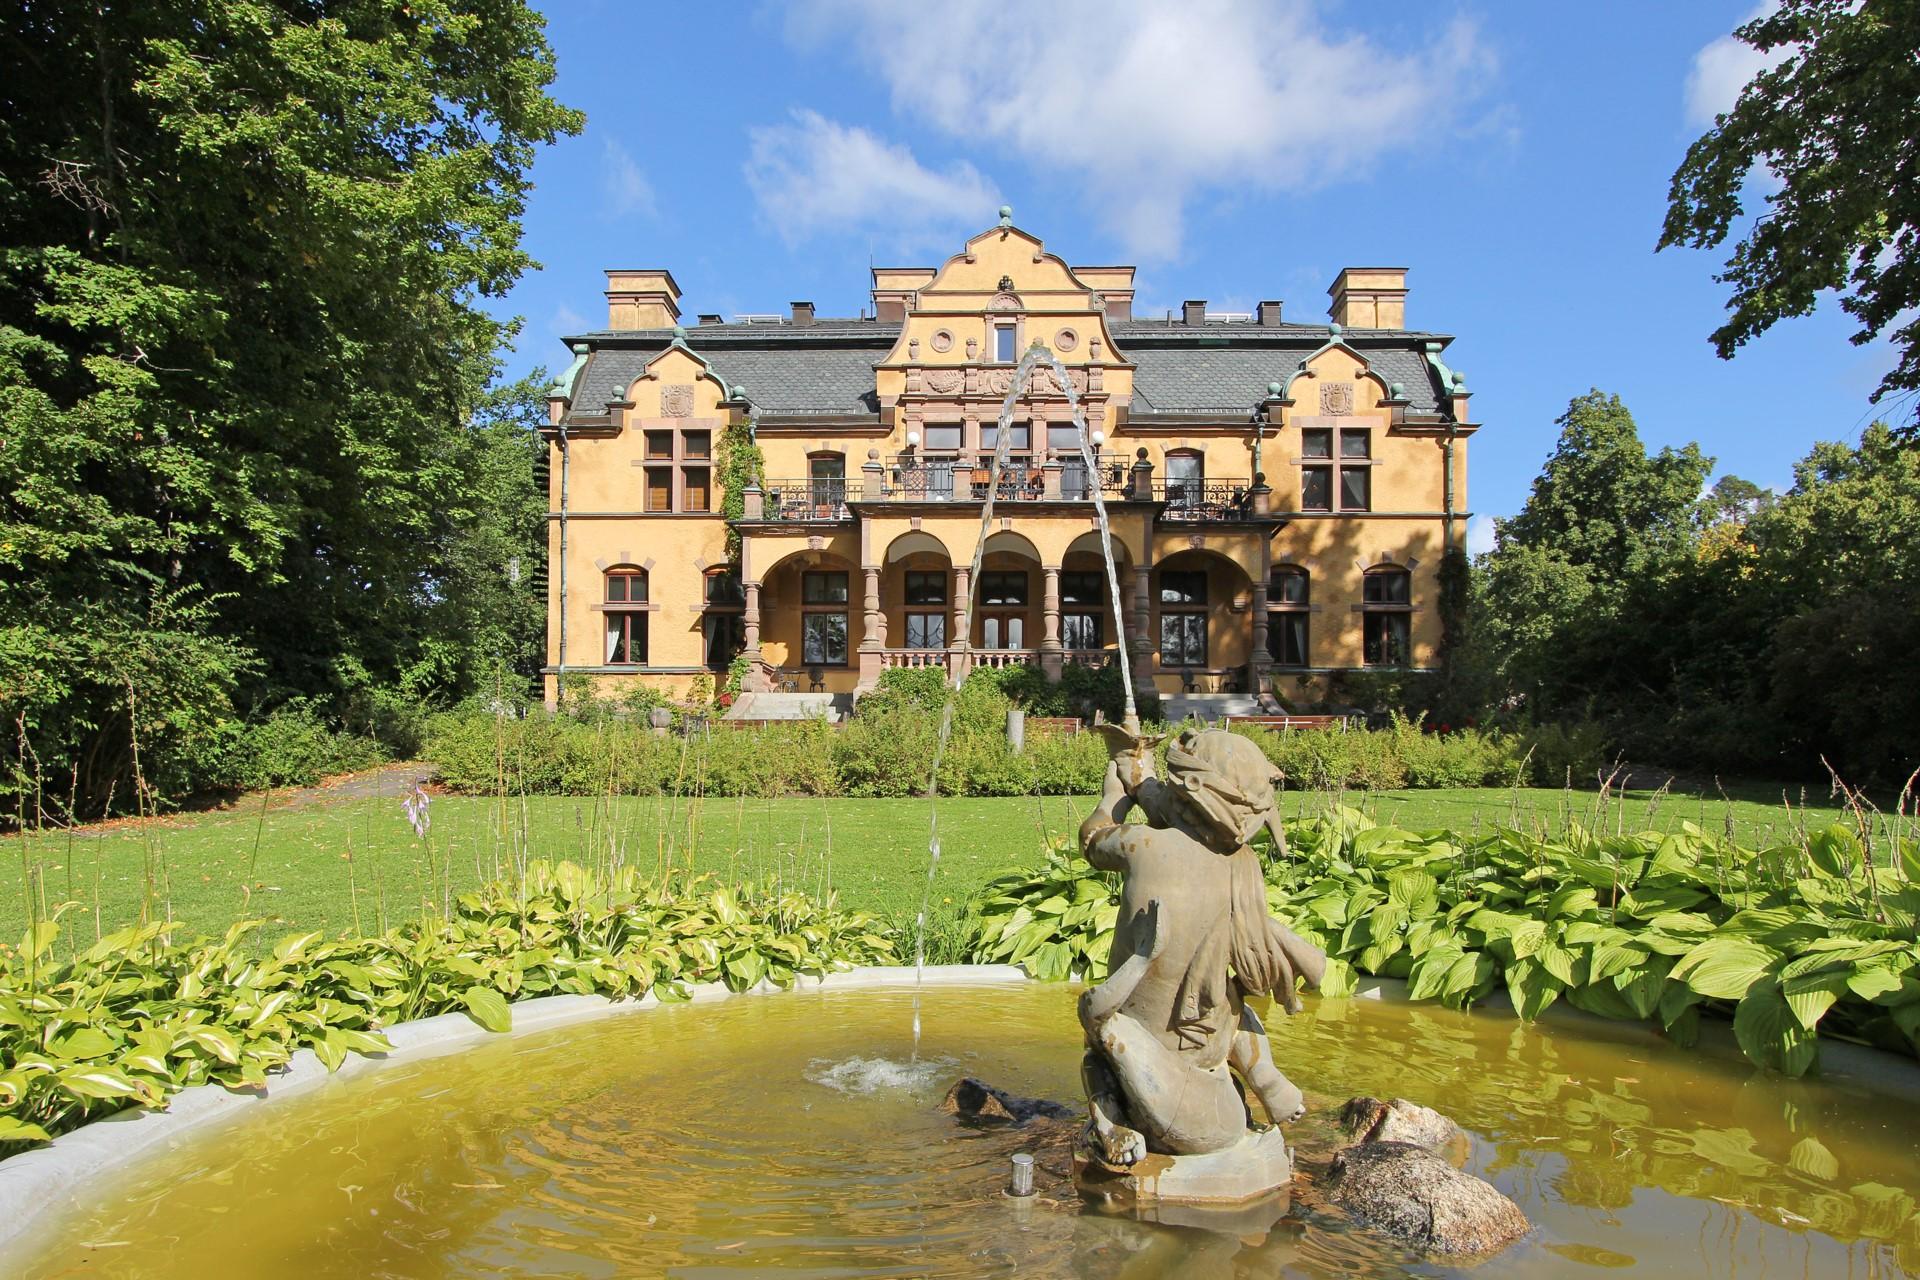 Ljunglöfska slottet